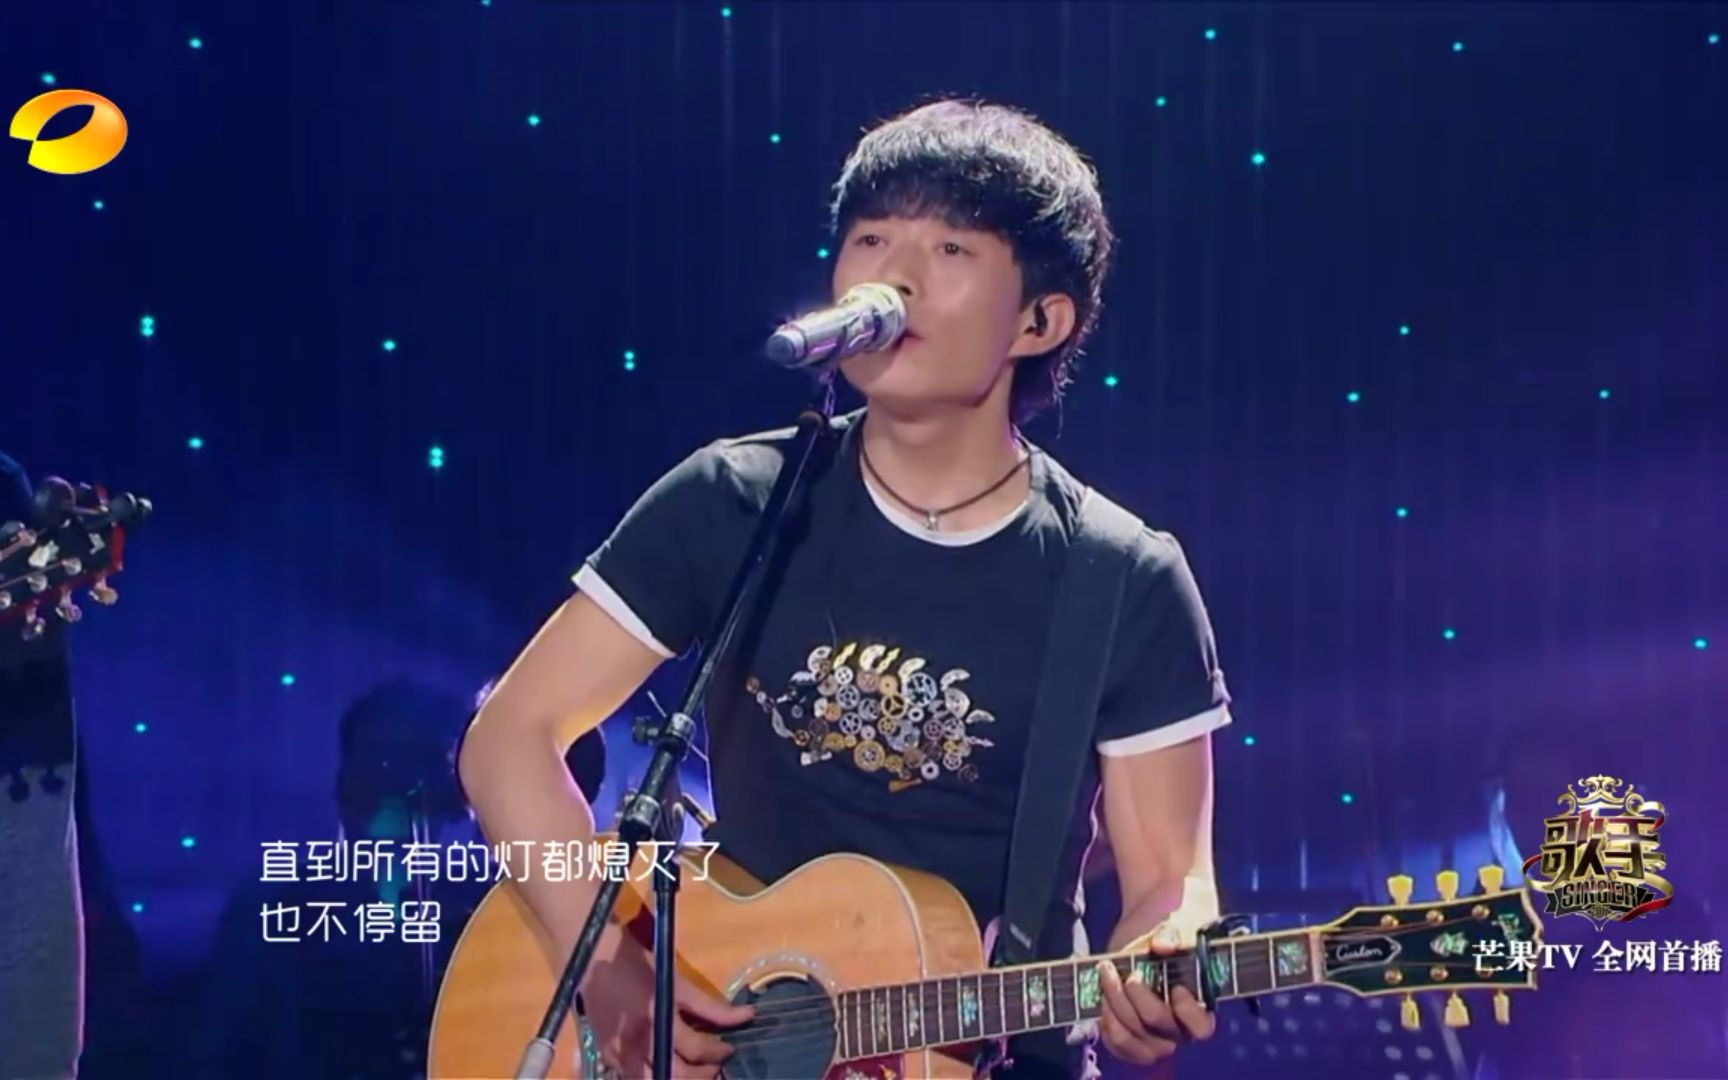 """从民间艺人走向娱乐明星 赵雷马頔可还有""""情怀"""""""